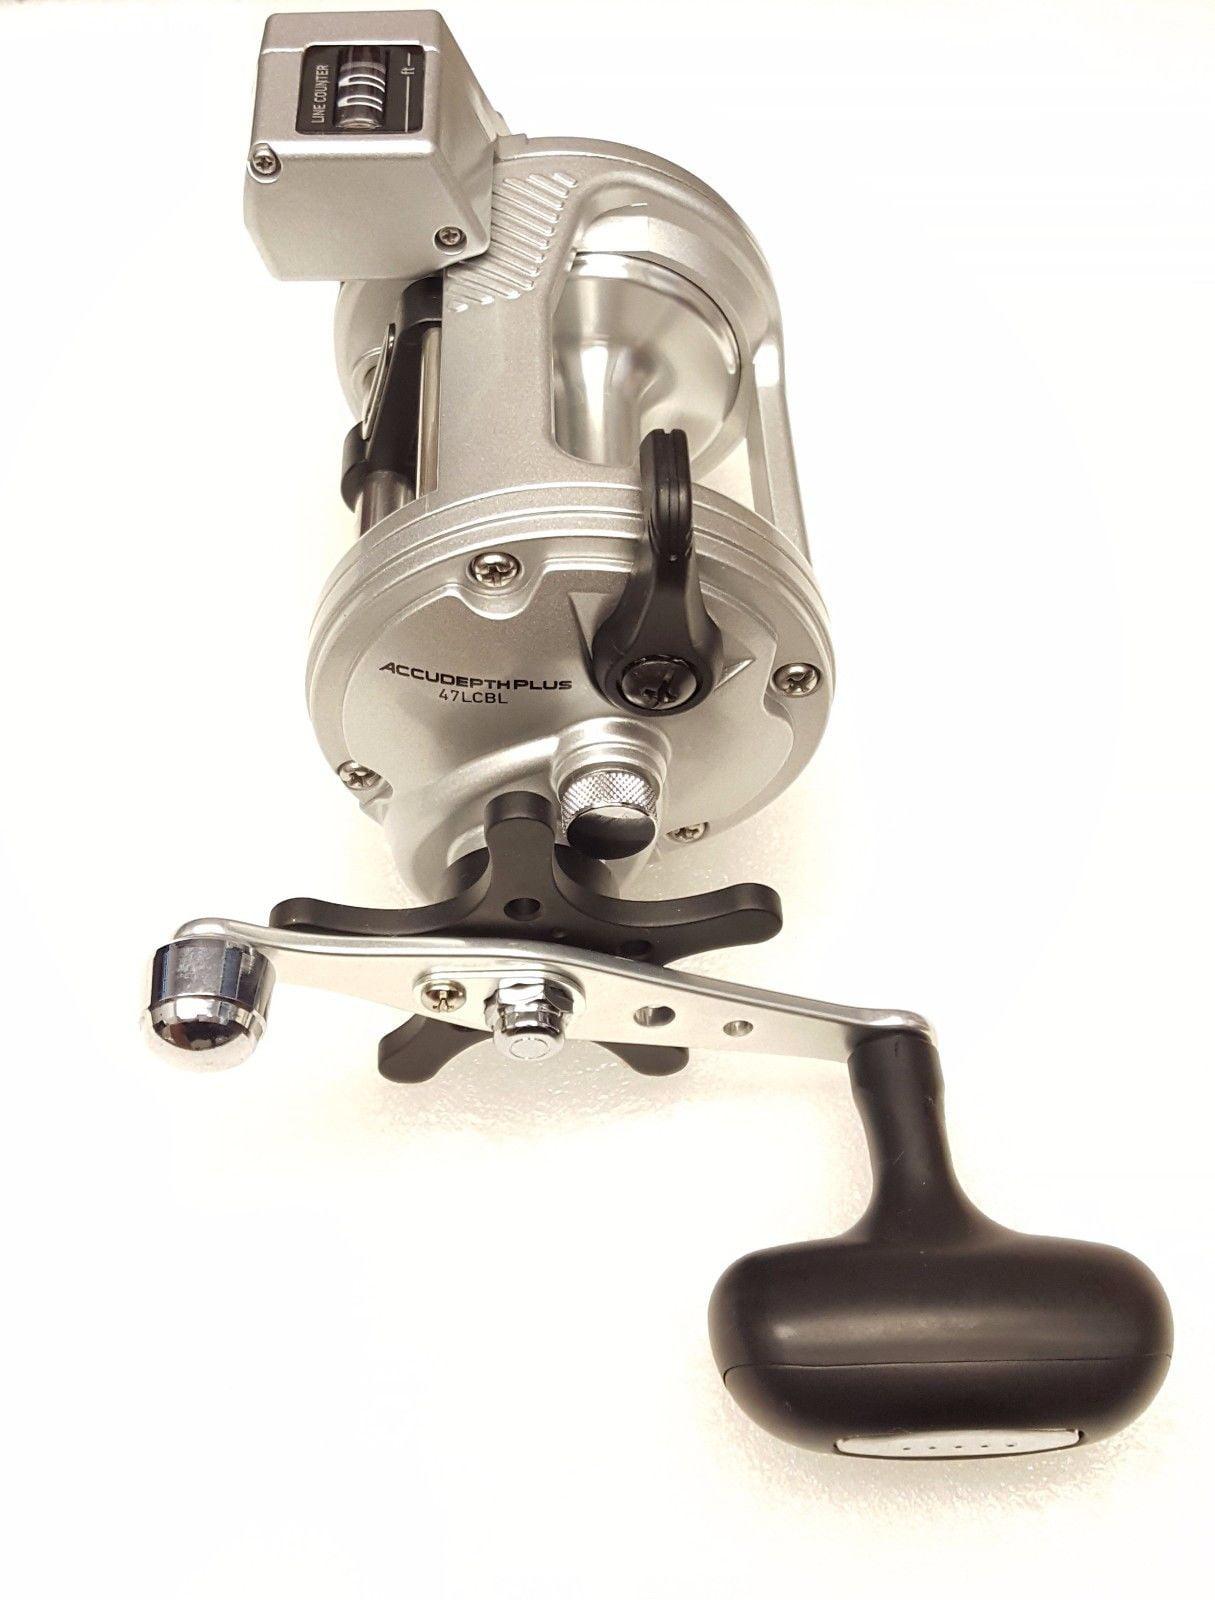 f931383c1b4 Daiwa Accudepth Plus-B 4.2:1 Line Counter Casting Fishing Reel, Left -  ADP47LCBL - Walmart.com